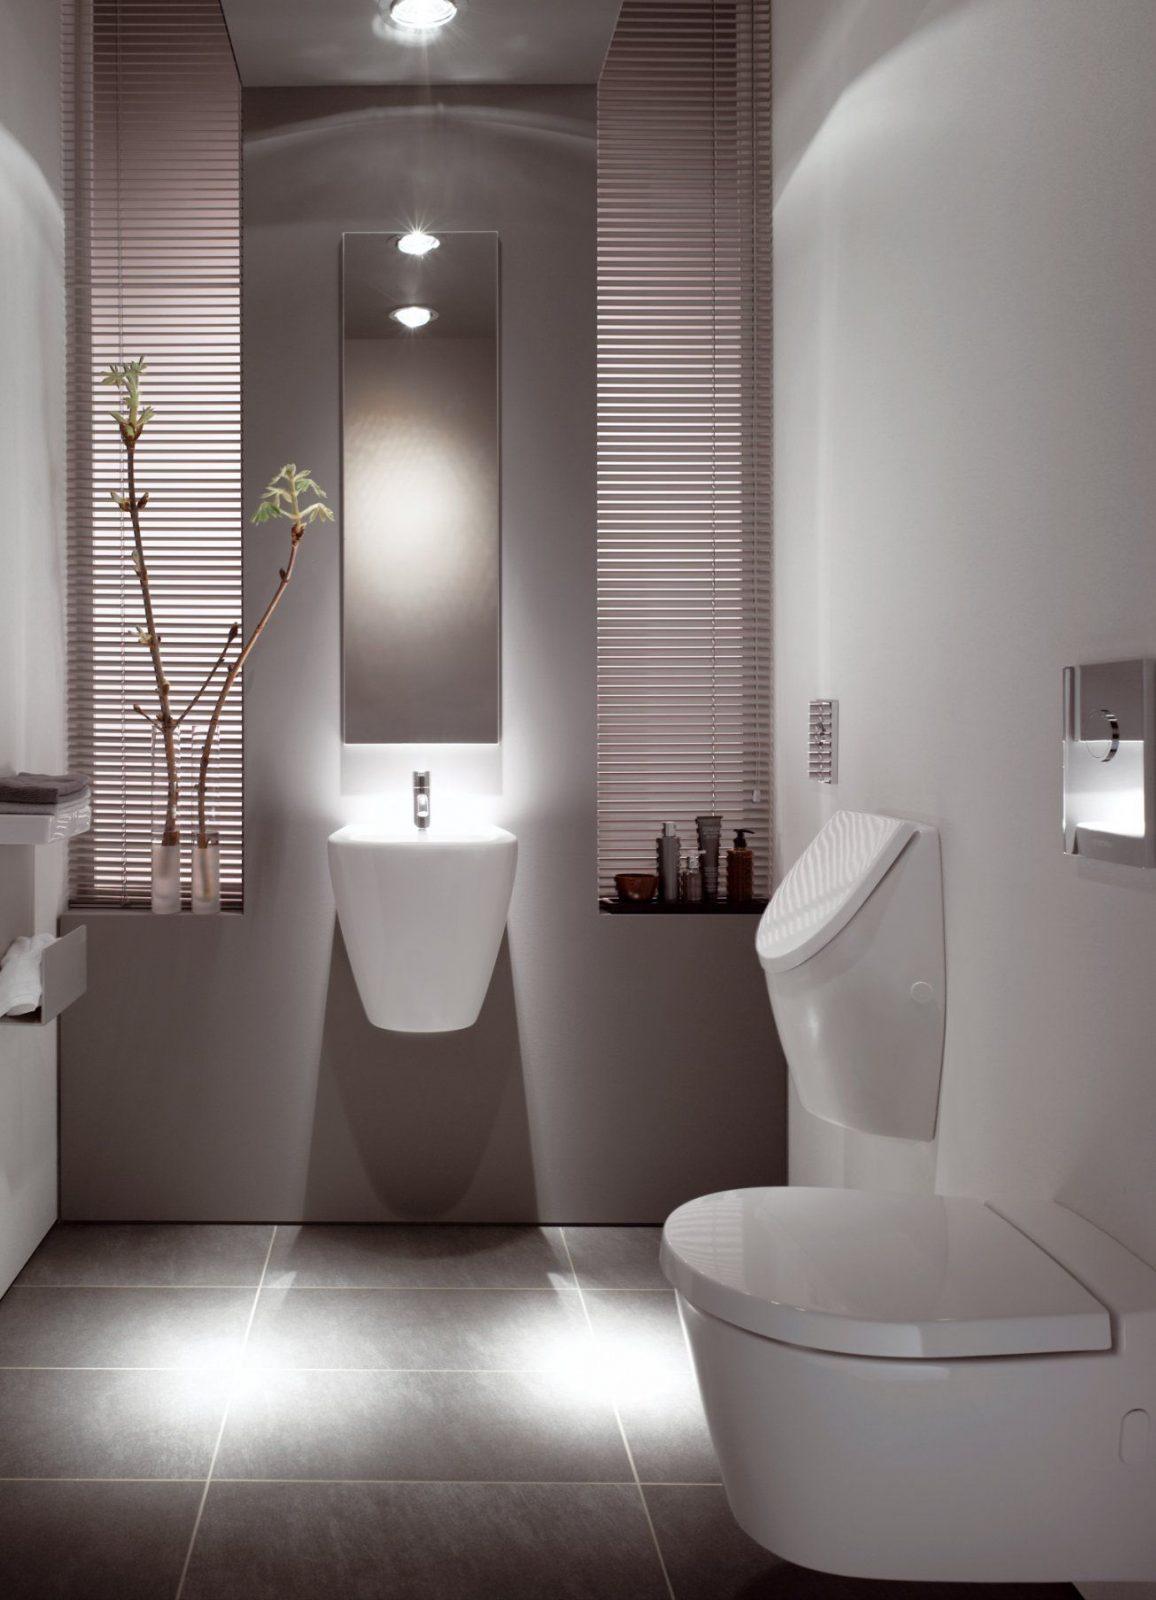 Bright Inspiration Ideen Für Gäste Wc Gestaltung  Home Design Ideas von Gäste Wc Ideen Bilder Photo